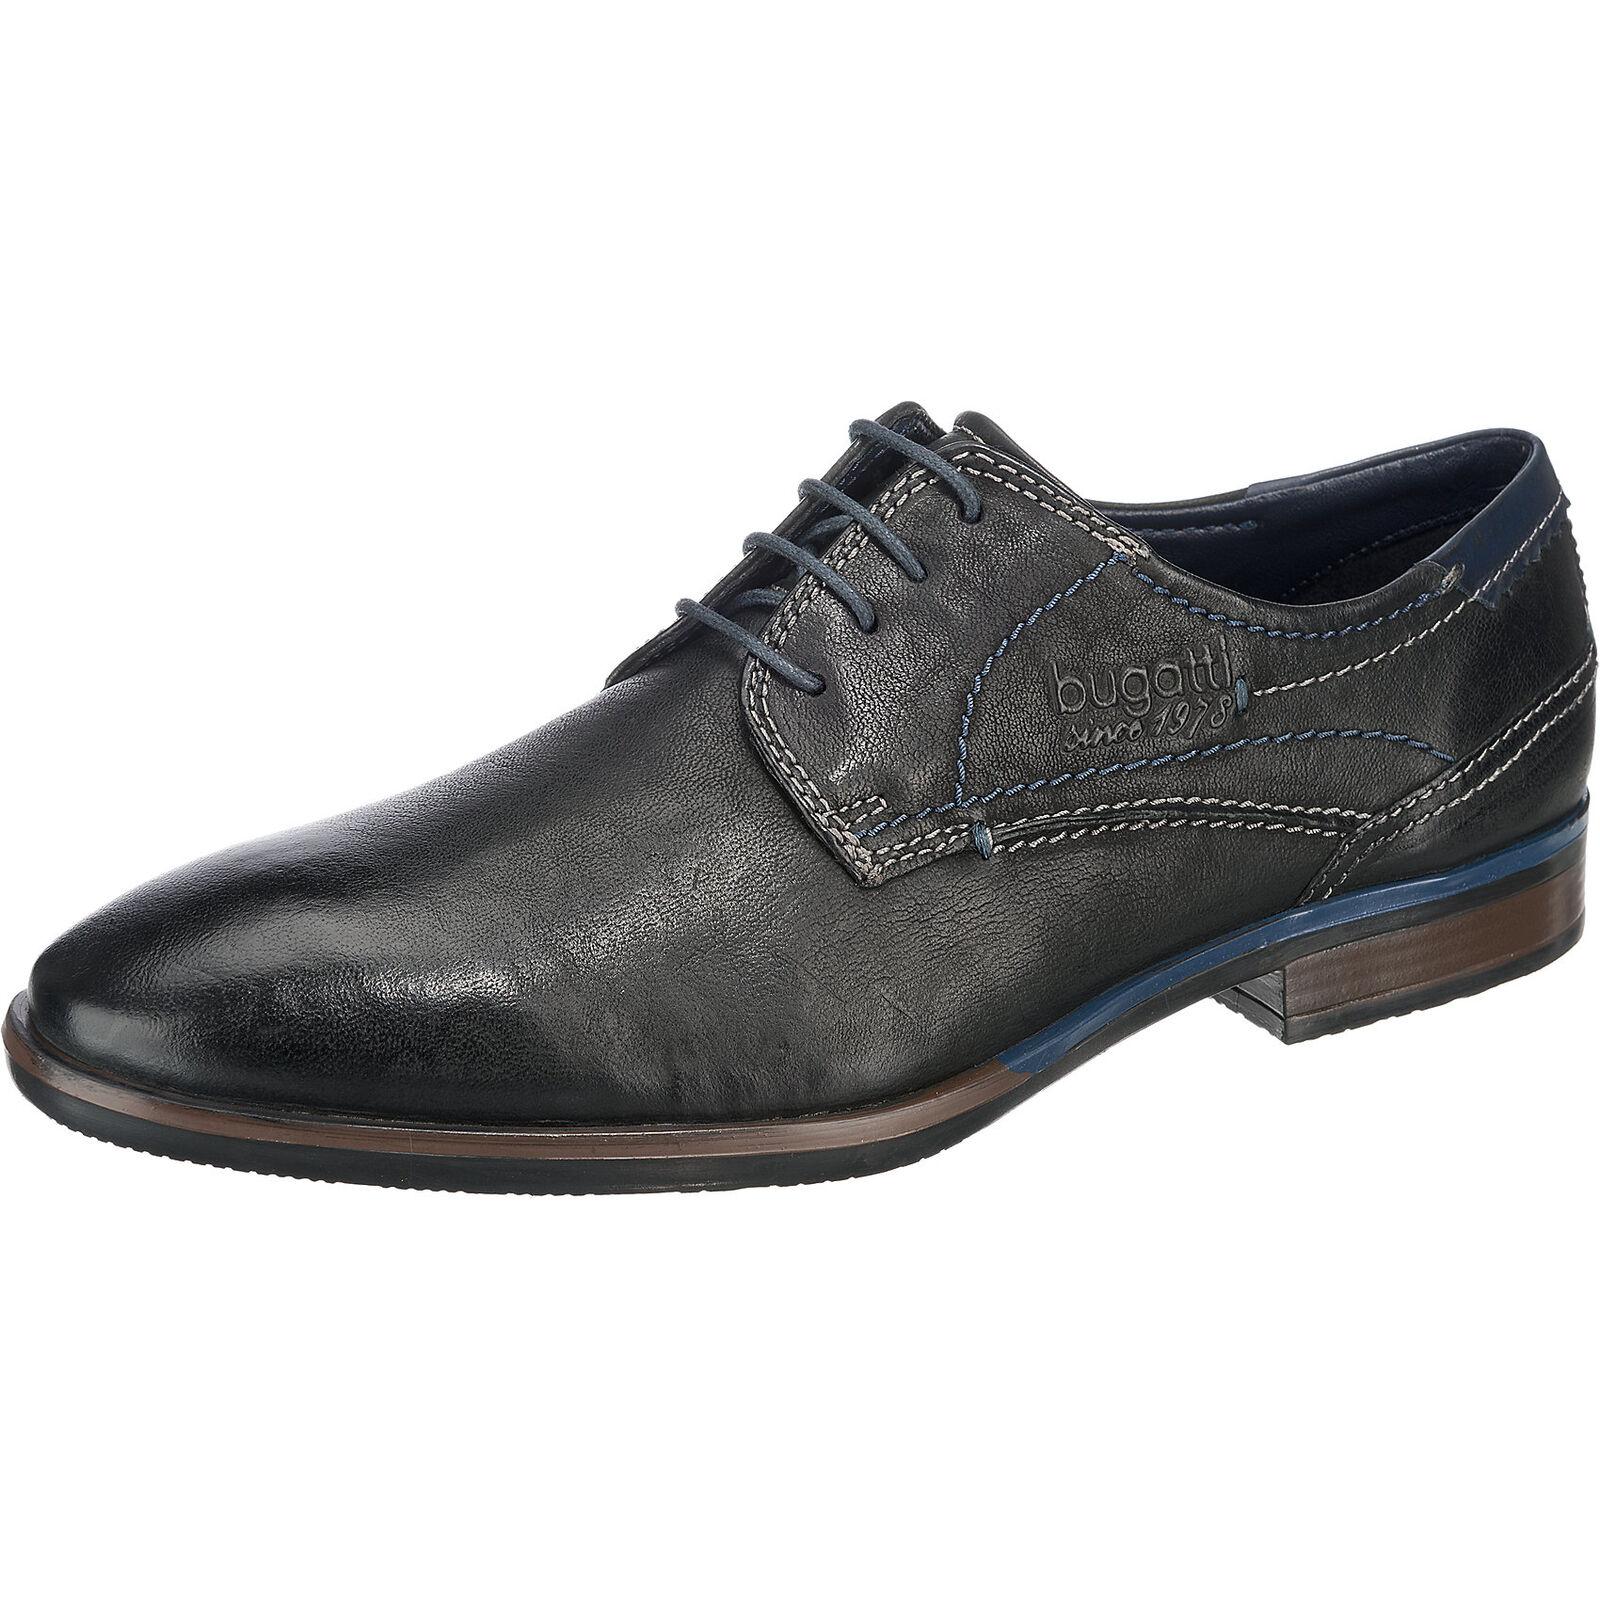 Neu bugatti Freizeit Schuhe schwarz 6959708